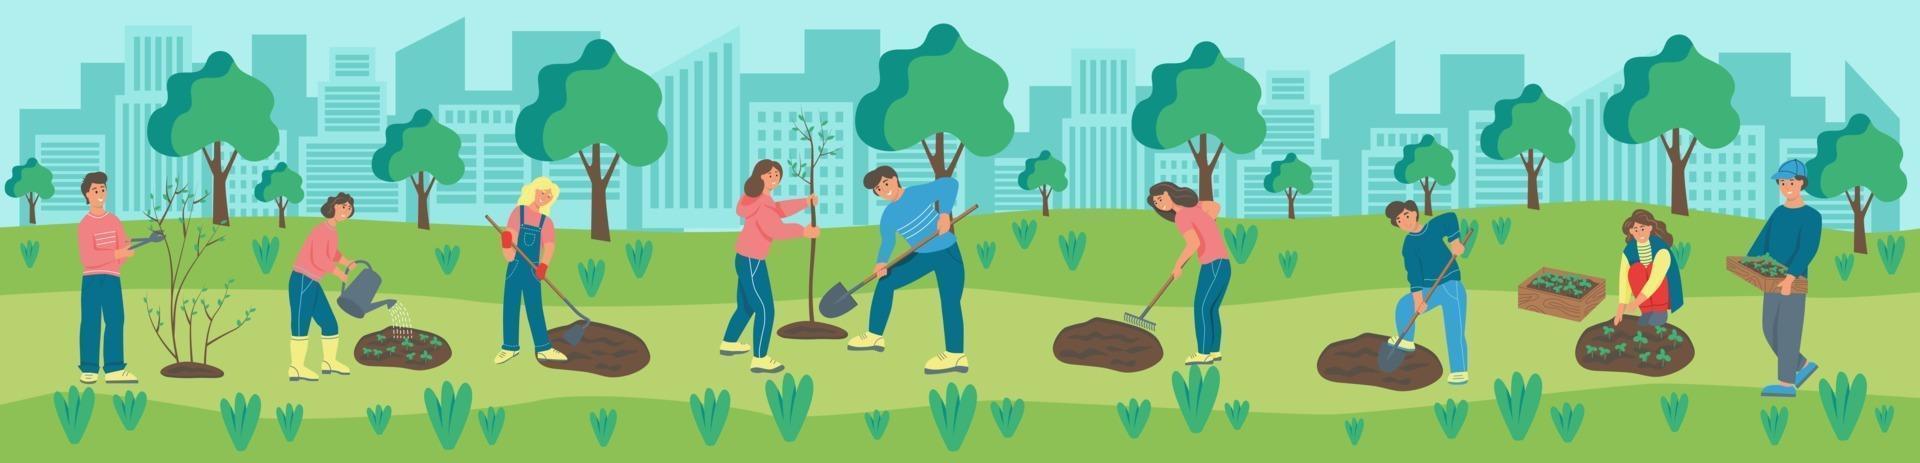 banner människor är engagerade i trädgårdsarbete i parken. män och kvinnor planterar blommor och växter. landskapsarkitektur, ta hand om naturen. platt tecknad vektorillustration. vektor